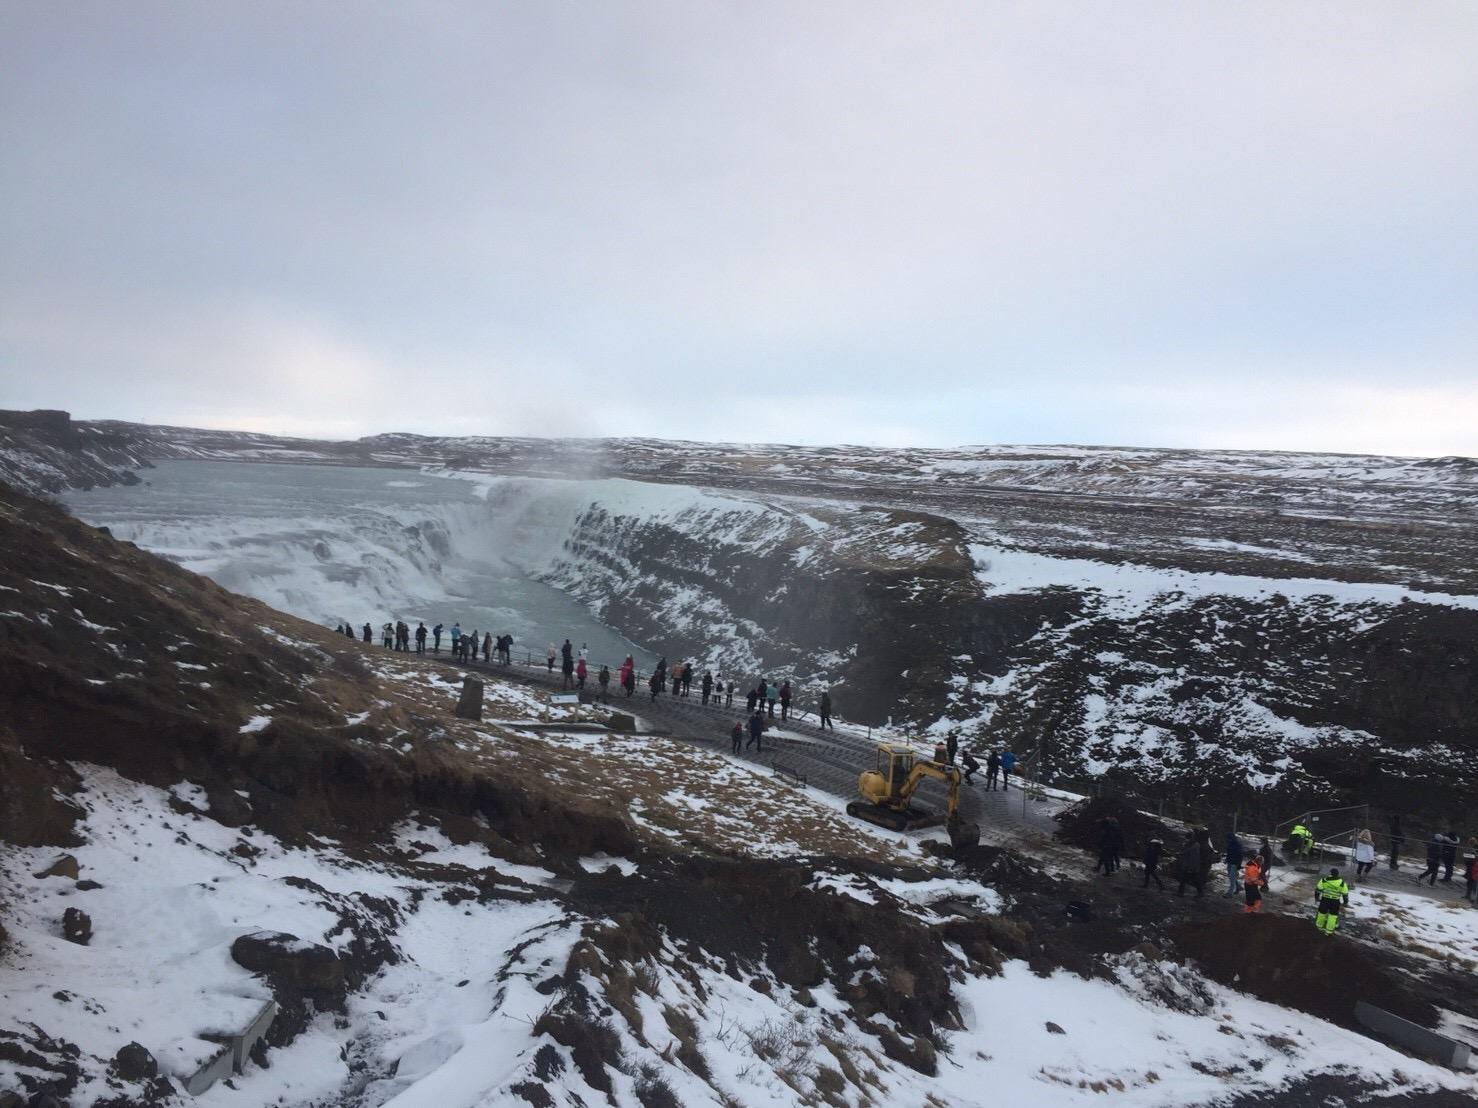 IMG 1812 - メッシを止めたGKは、元「クリエイター&#x2049;︎」<br>少数精鋭・「ダークホース」アイスランドサッカーのユニークな実態とは?